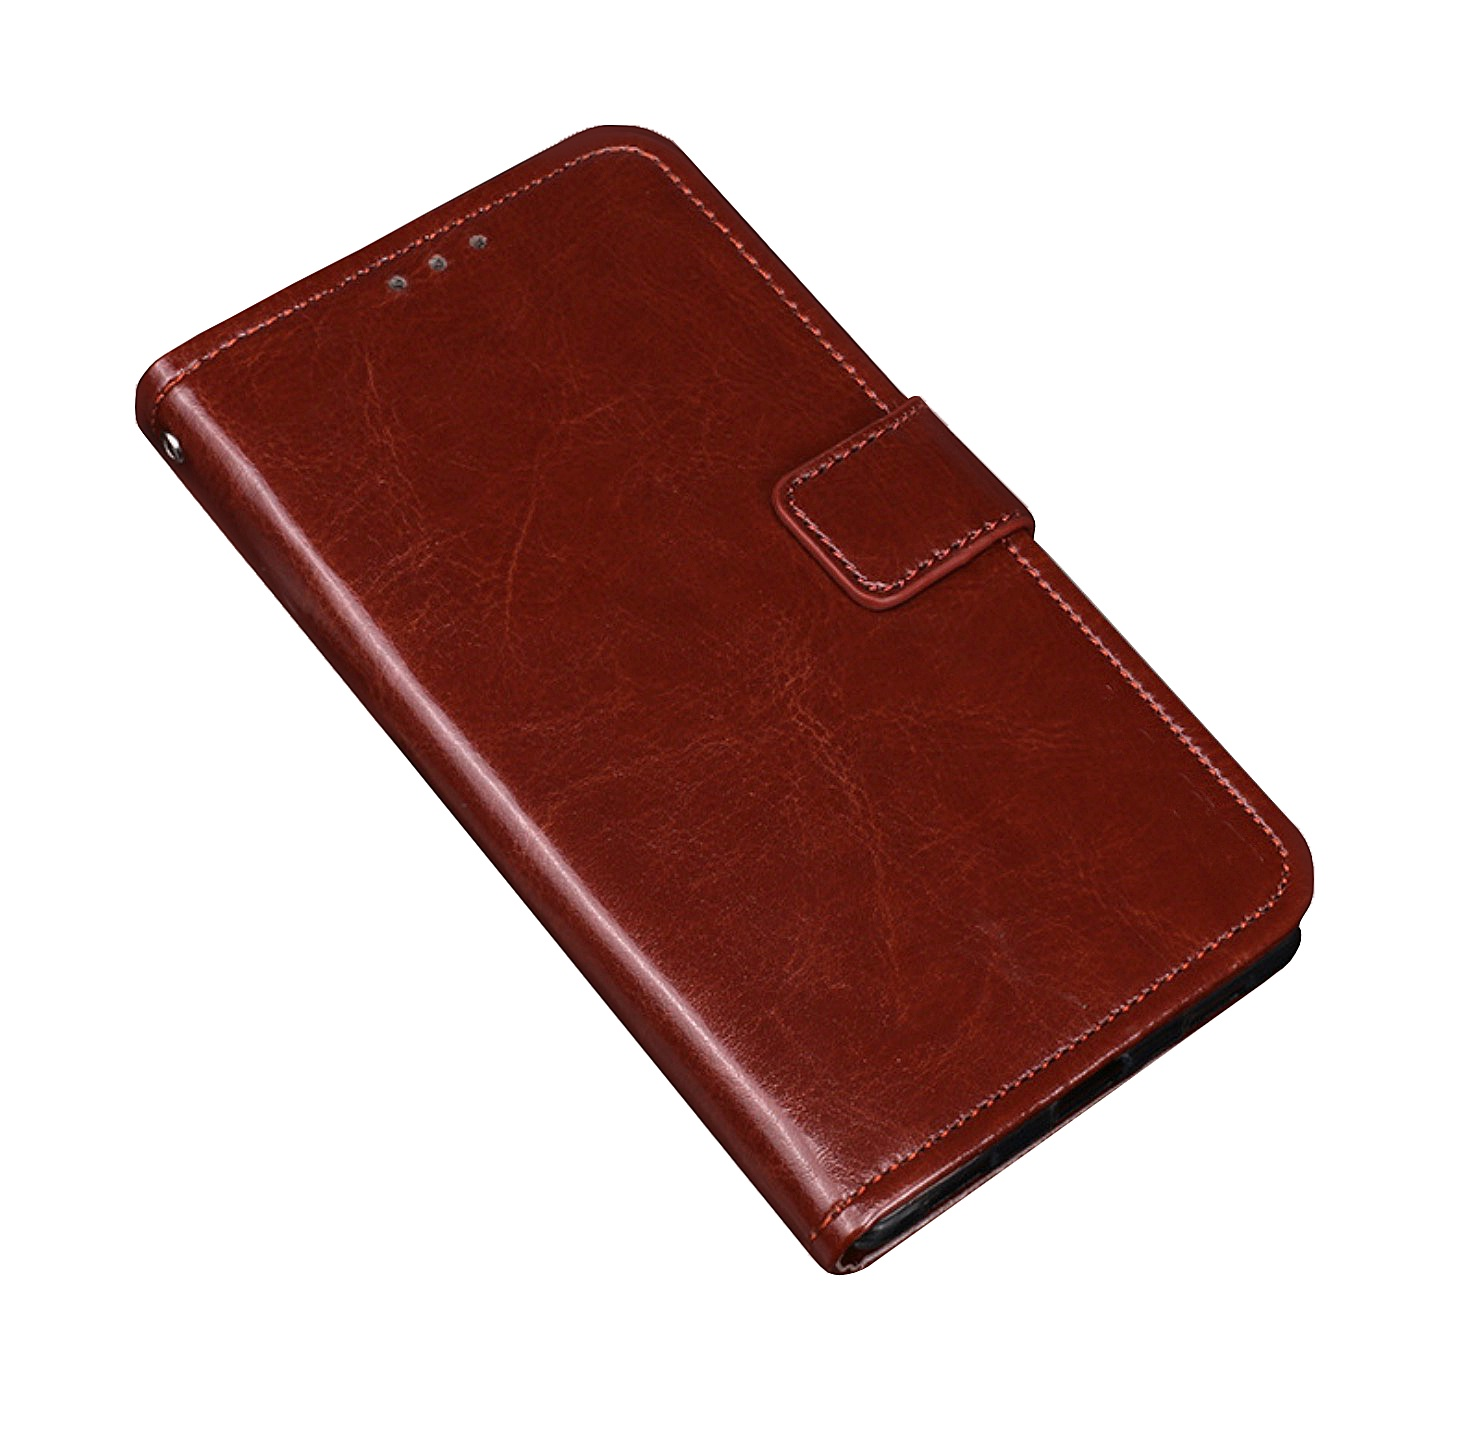 Чехол-книжка MyPads для Sony Xperia X / X Dual 5.0 (F5121 / F5122) с мульти-подставкой застёжкой и визитницей коричневый цена